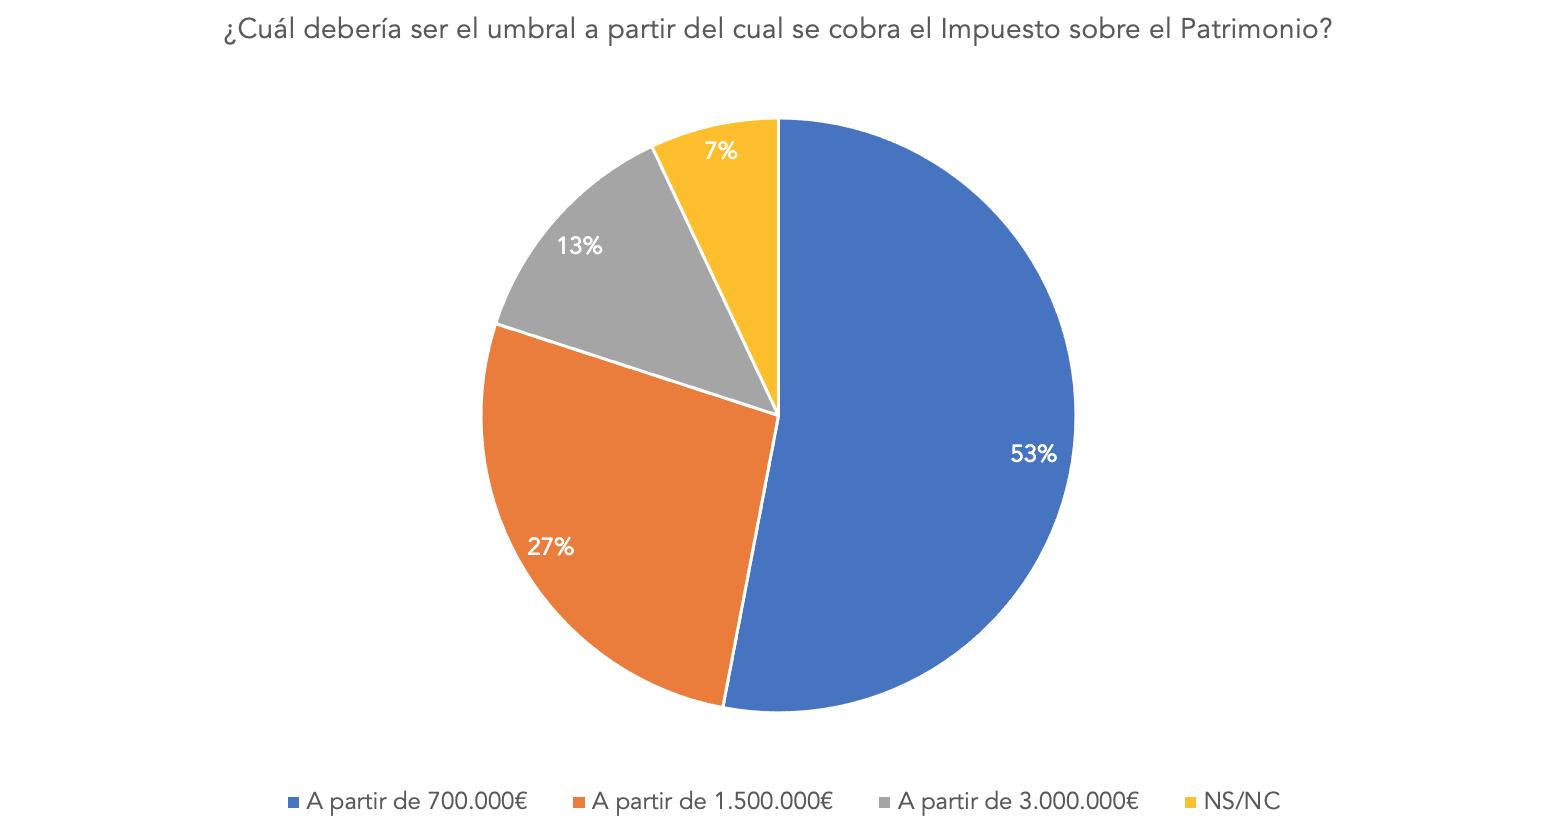 2-umbral-patrimonio-impuesto-encuesta.png